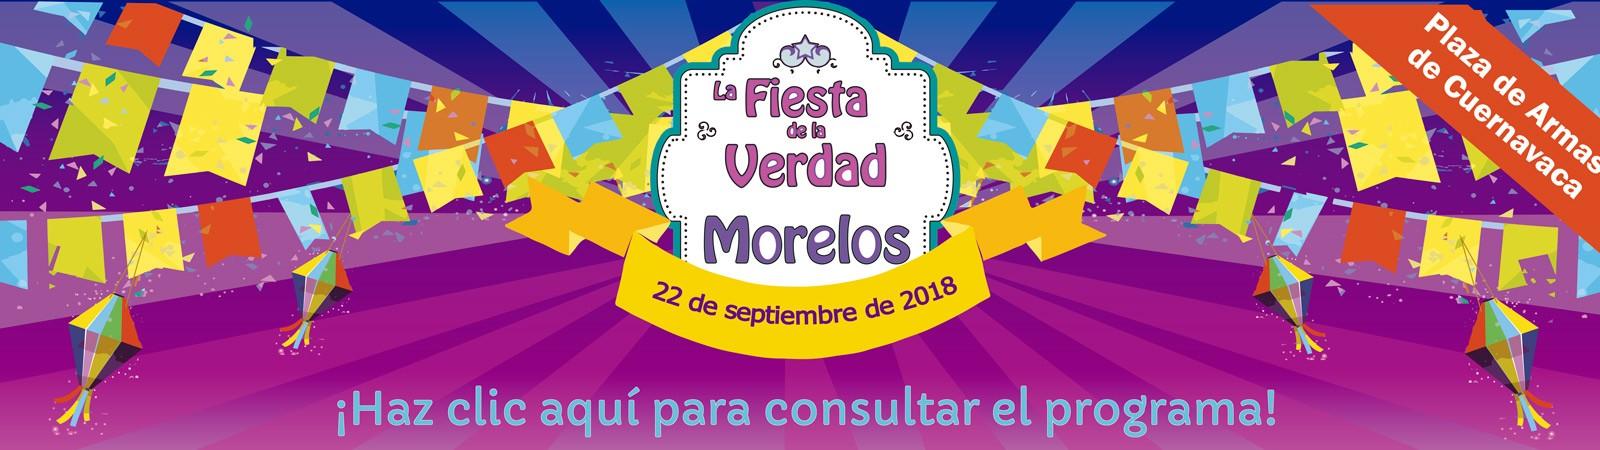 Banner de la Fiesta de la Verdad 2018